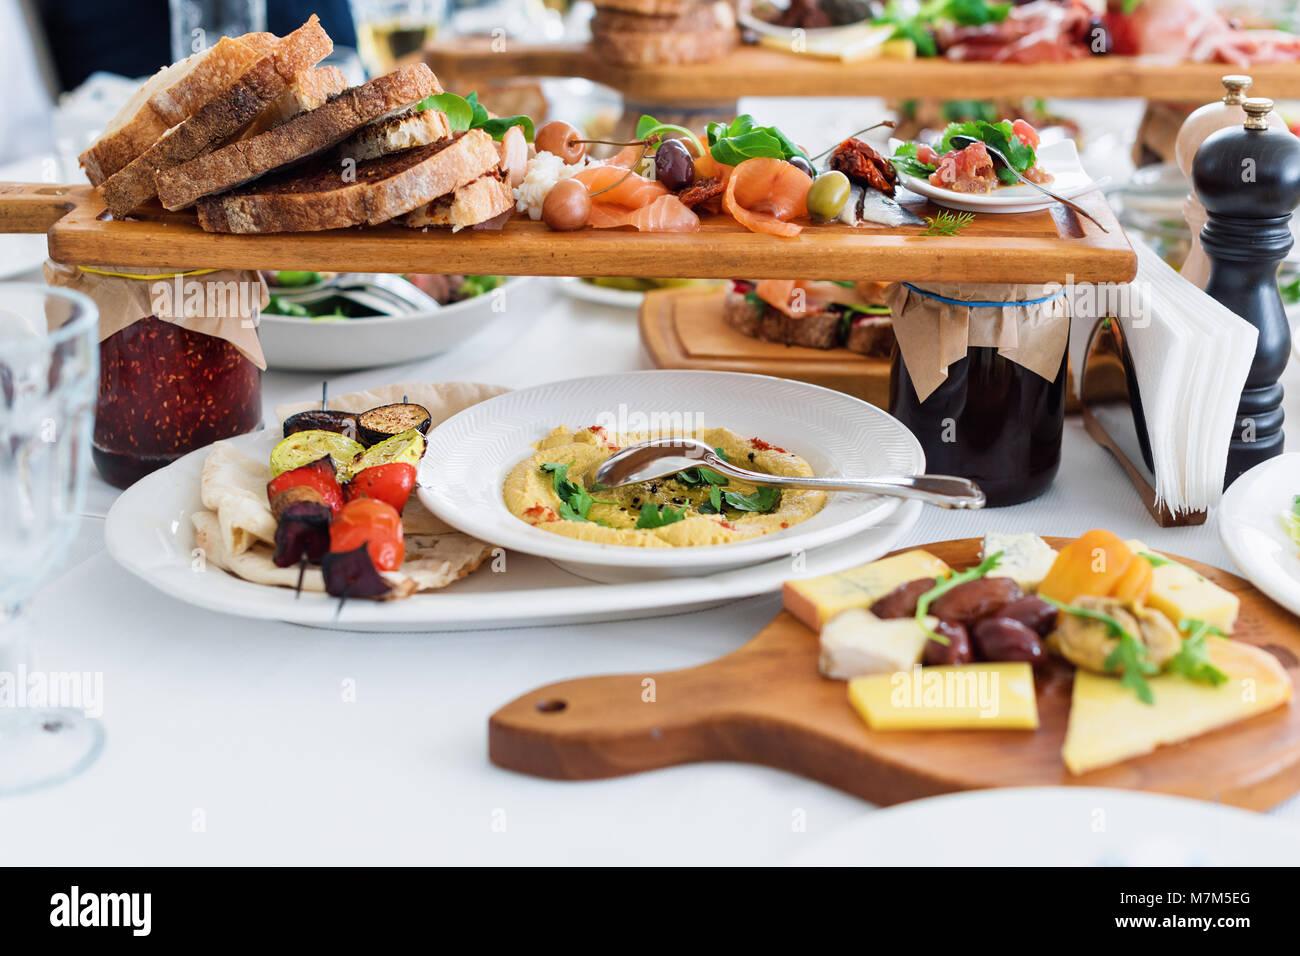 Leckeres Essen Verschiedene Mahlzeiten Fur Die Gaste Auf Den Tisch Im Restaurant Gesunde Mediterrane Kuche Stockfotografie Alamy